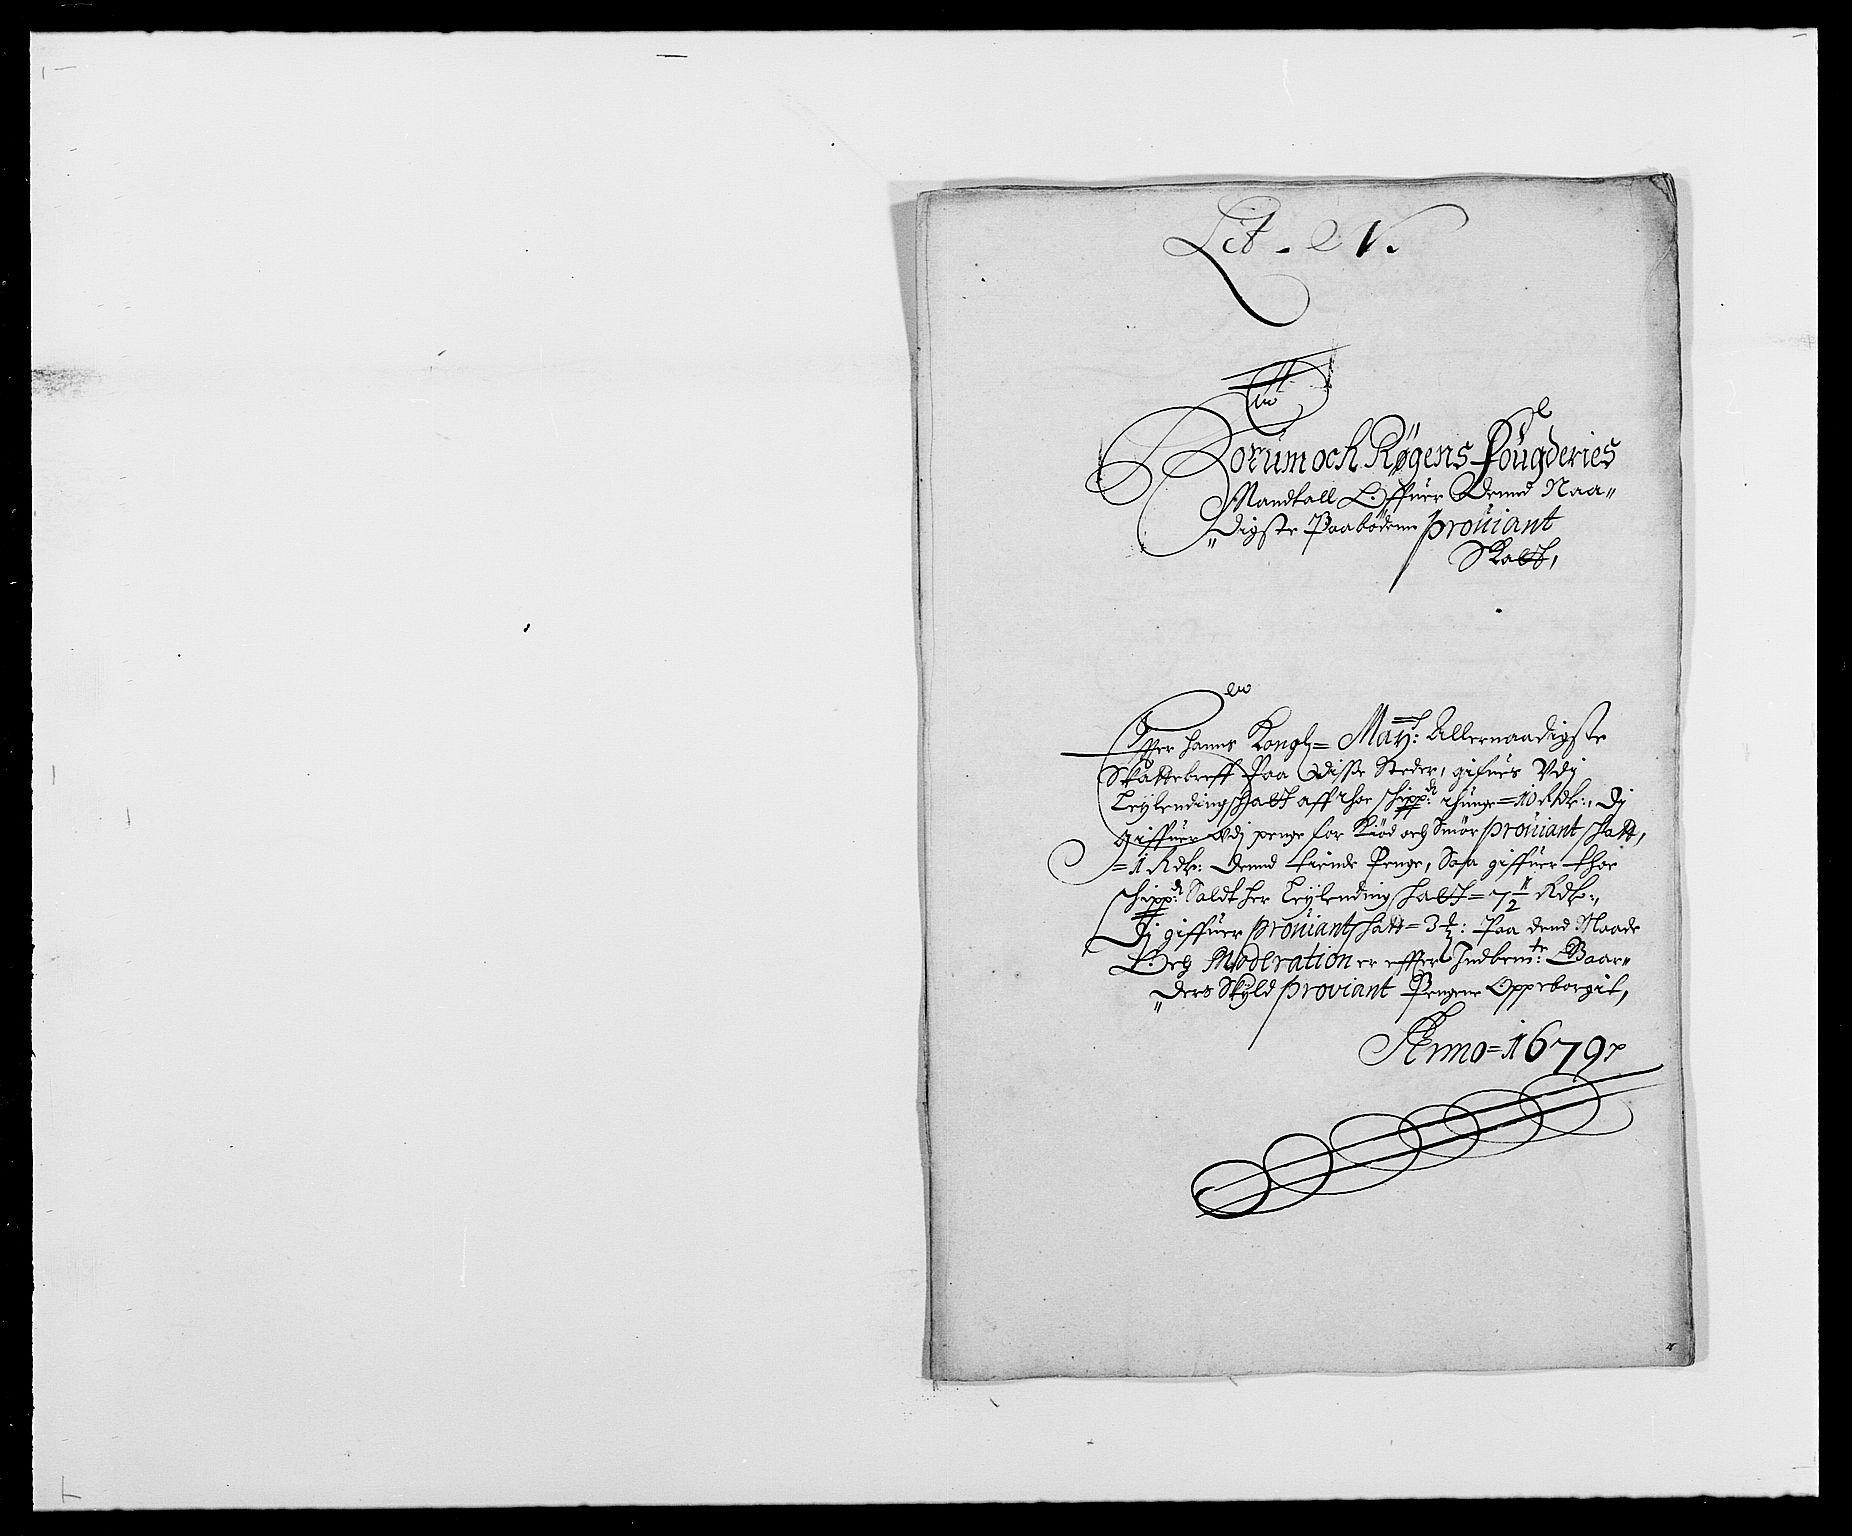 RA, Rentekammeret inntil 1814, Reviderte regnskaper, Fogderegnskap, R29/L1691: Fogderegnskap Hurum og Røyken, 1678-1681, s. 174